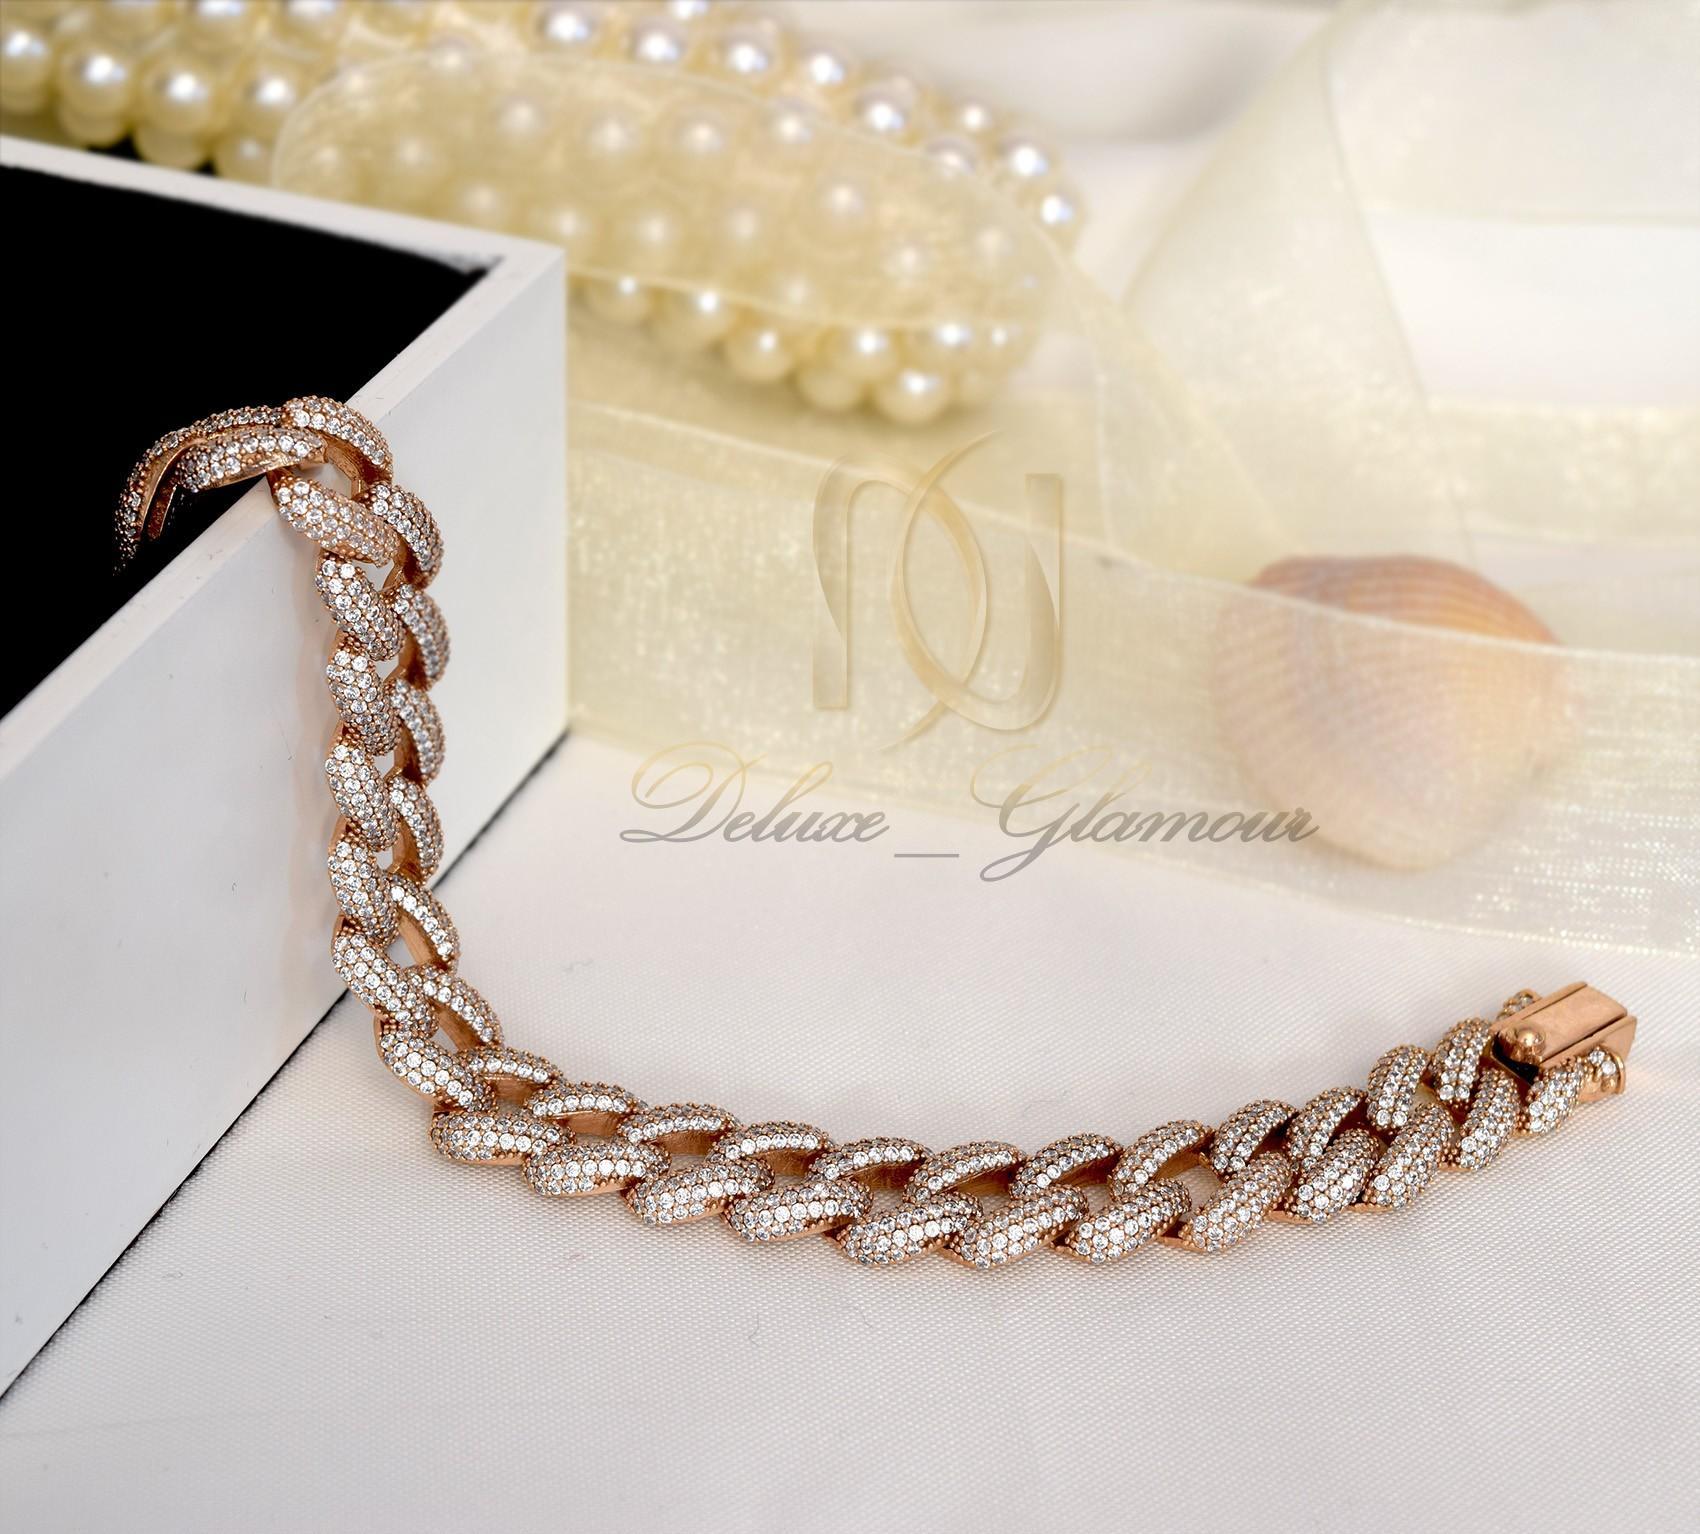 دستبند نقره زنانه رزگلد کارتیه Ds-n308 - نمای کلی